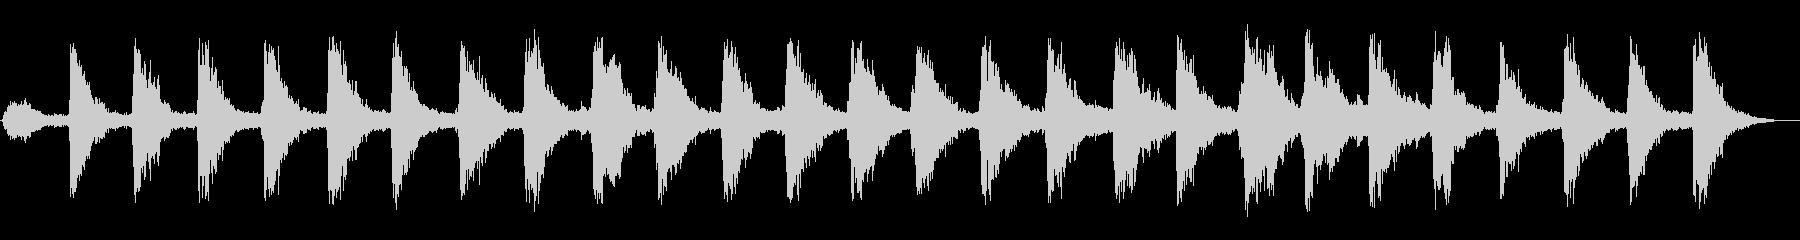 シャンシャン・・・(スレイベルの音)の未再生の波形